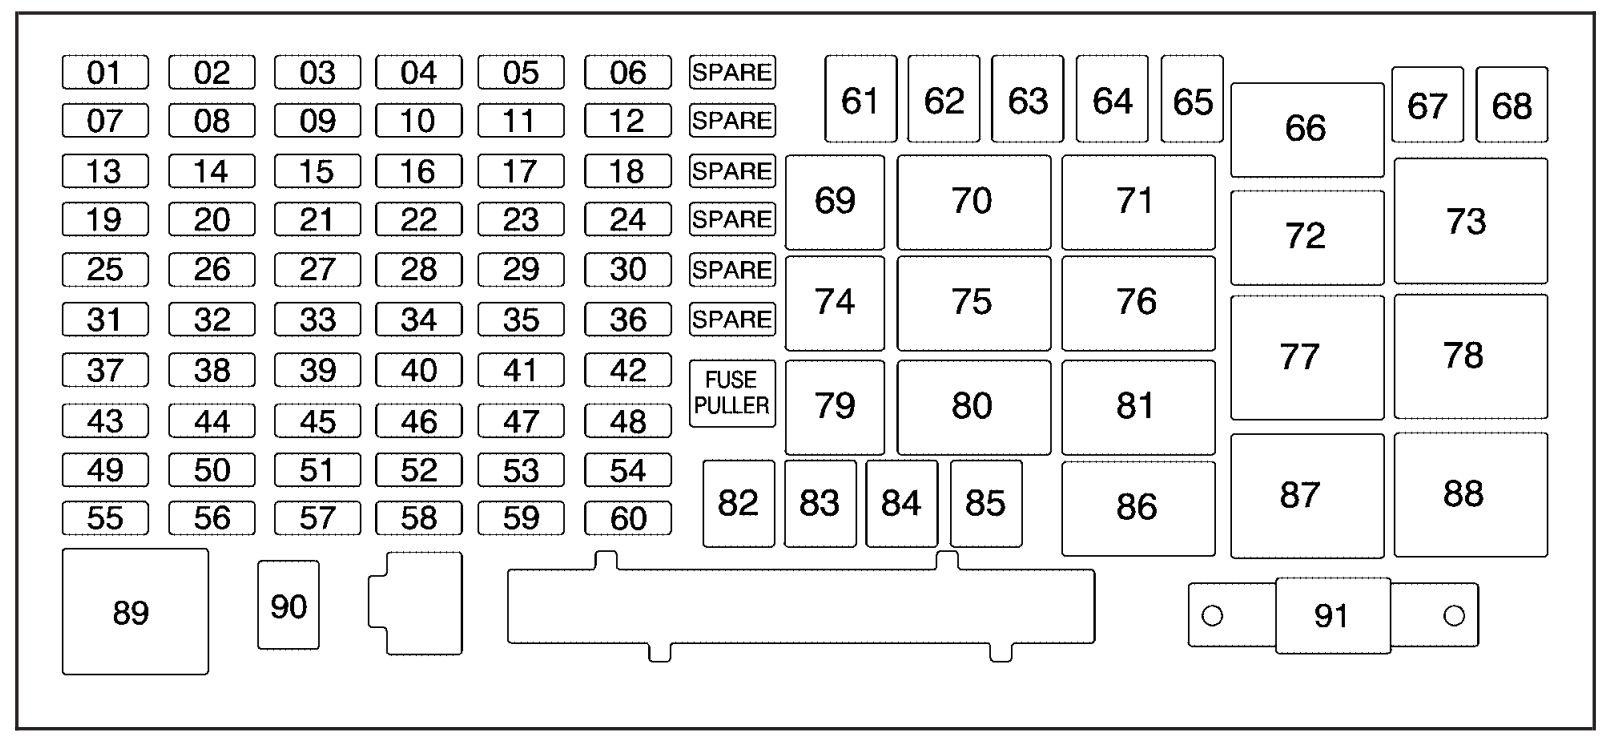 2012 F250 Headlight Fuse Diagram Hummer H3 2007 Fuse Box Diagram Auto Genius